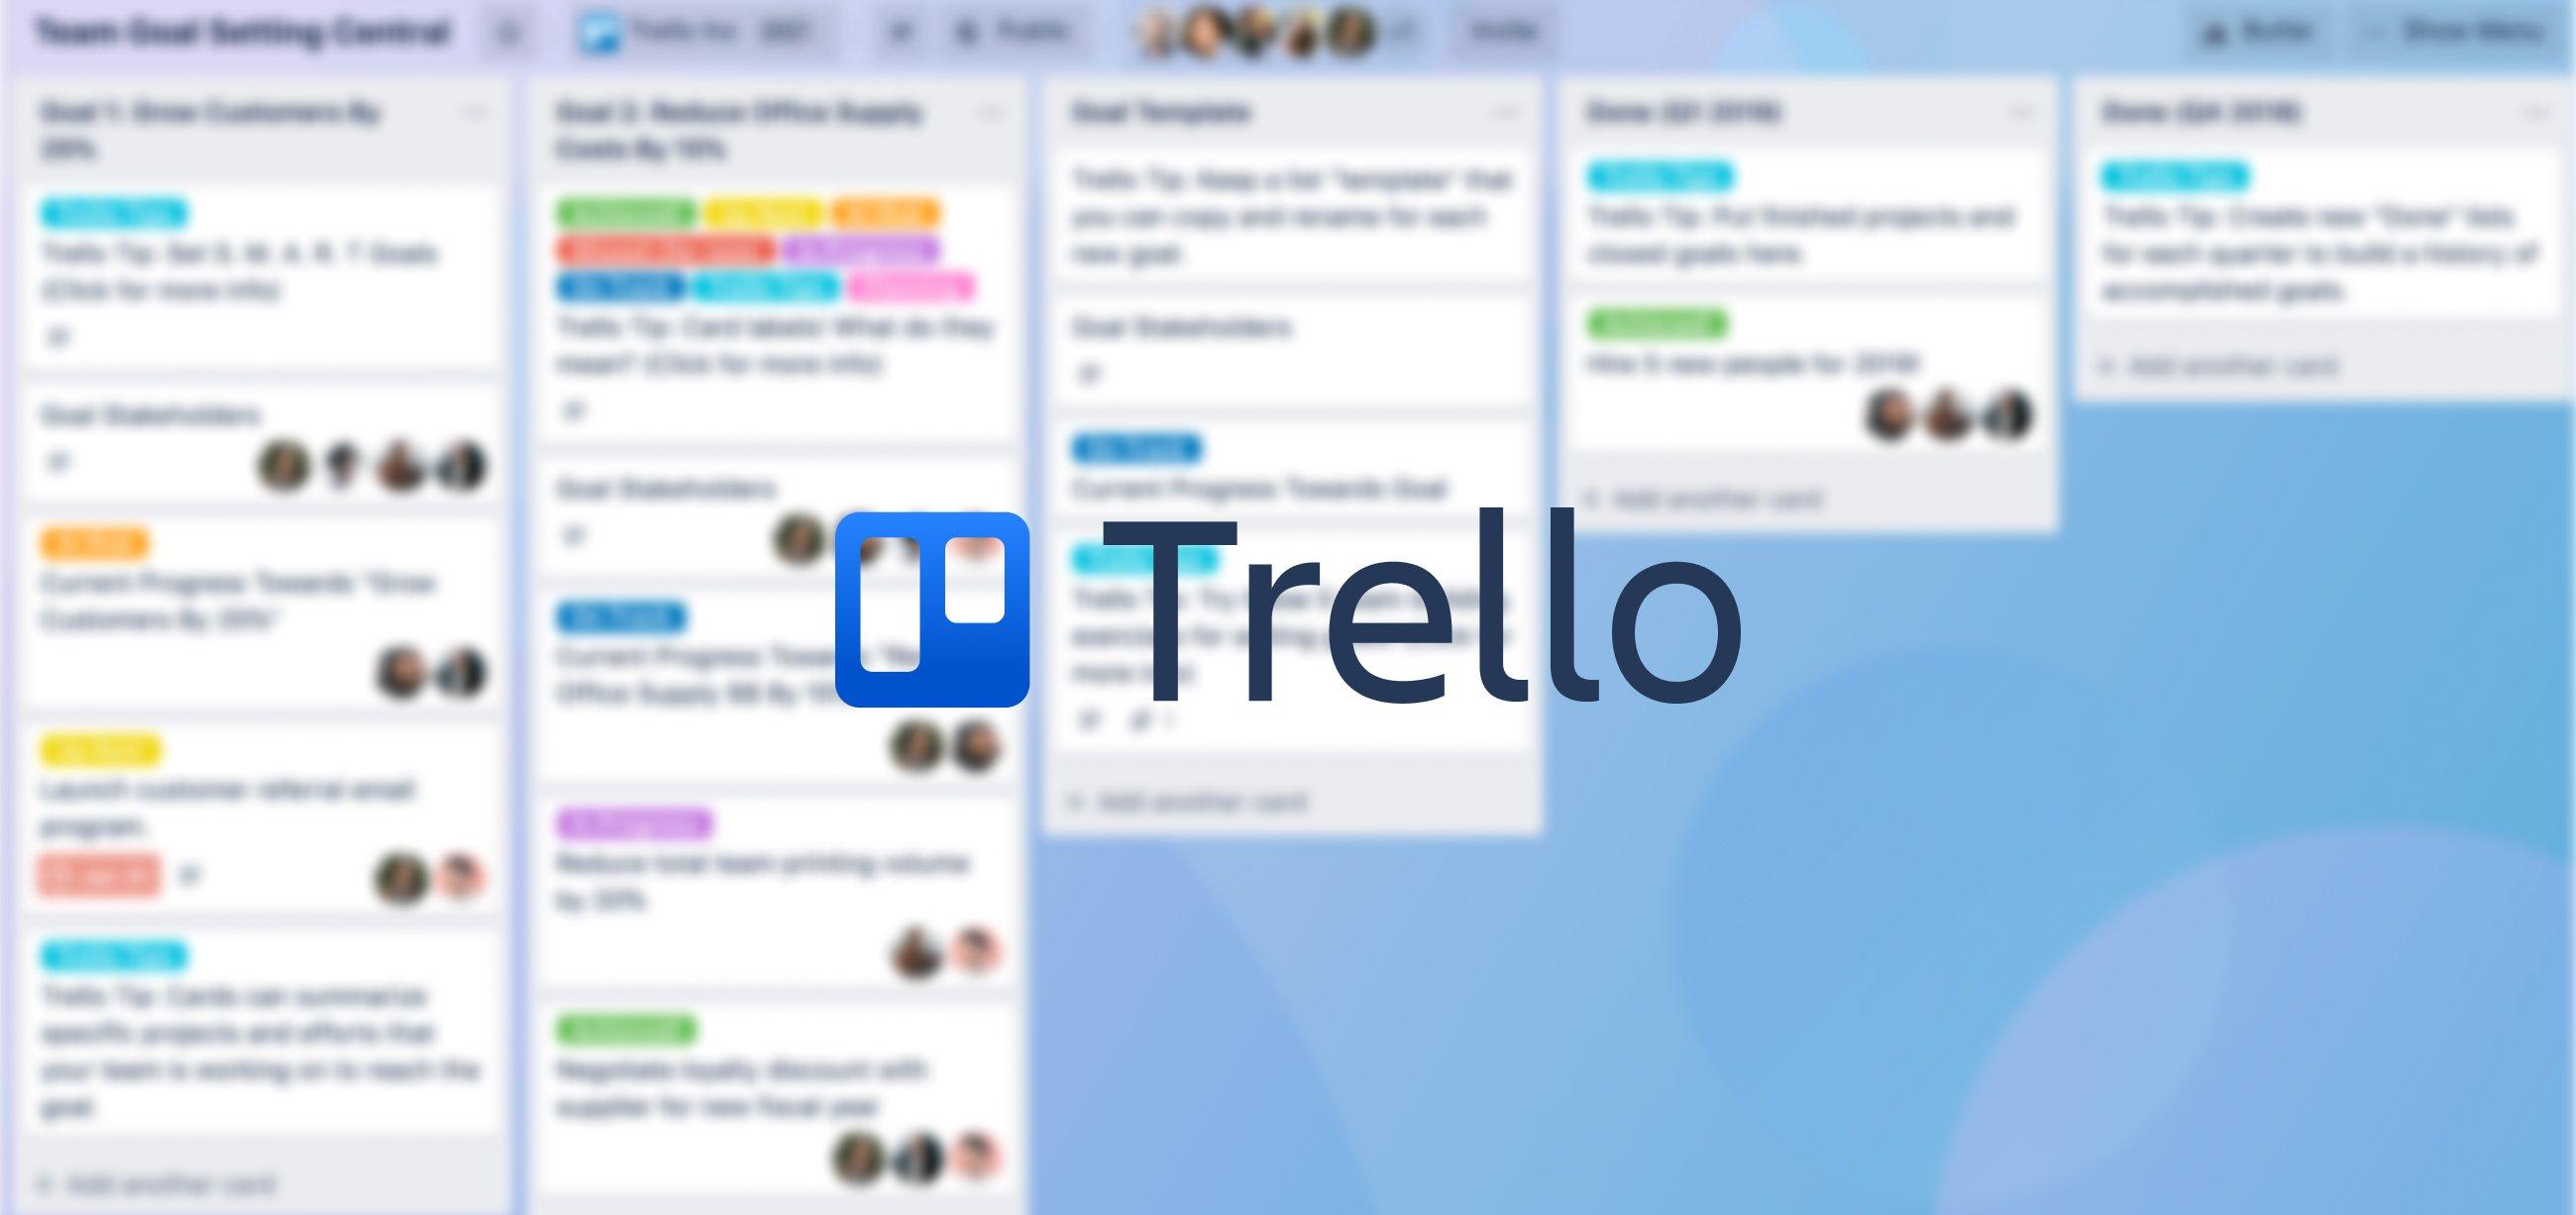 Top project management tools - Trello